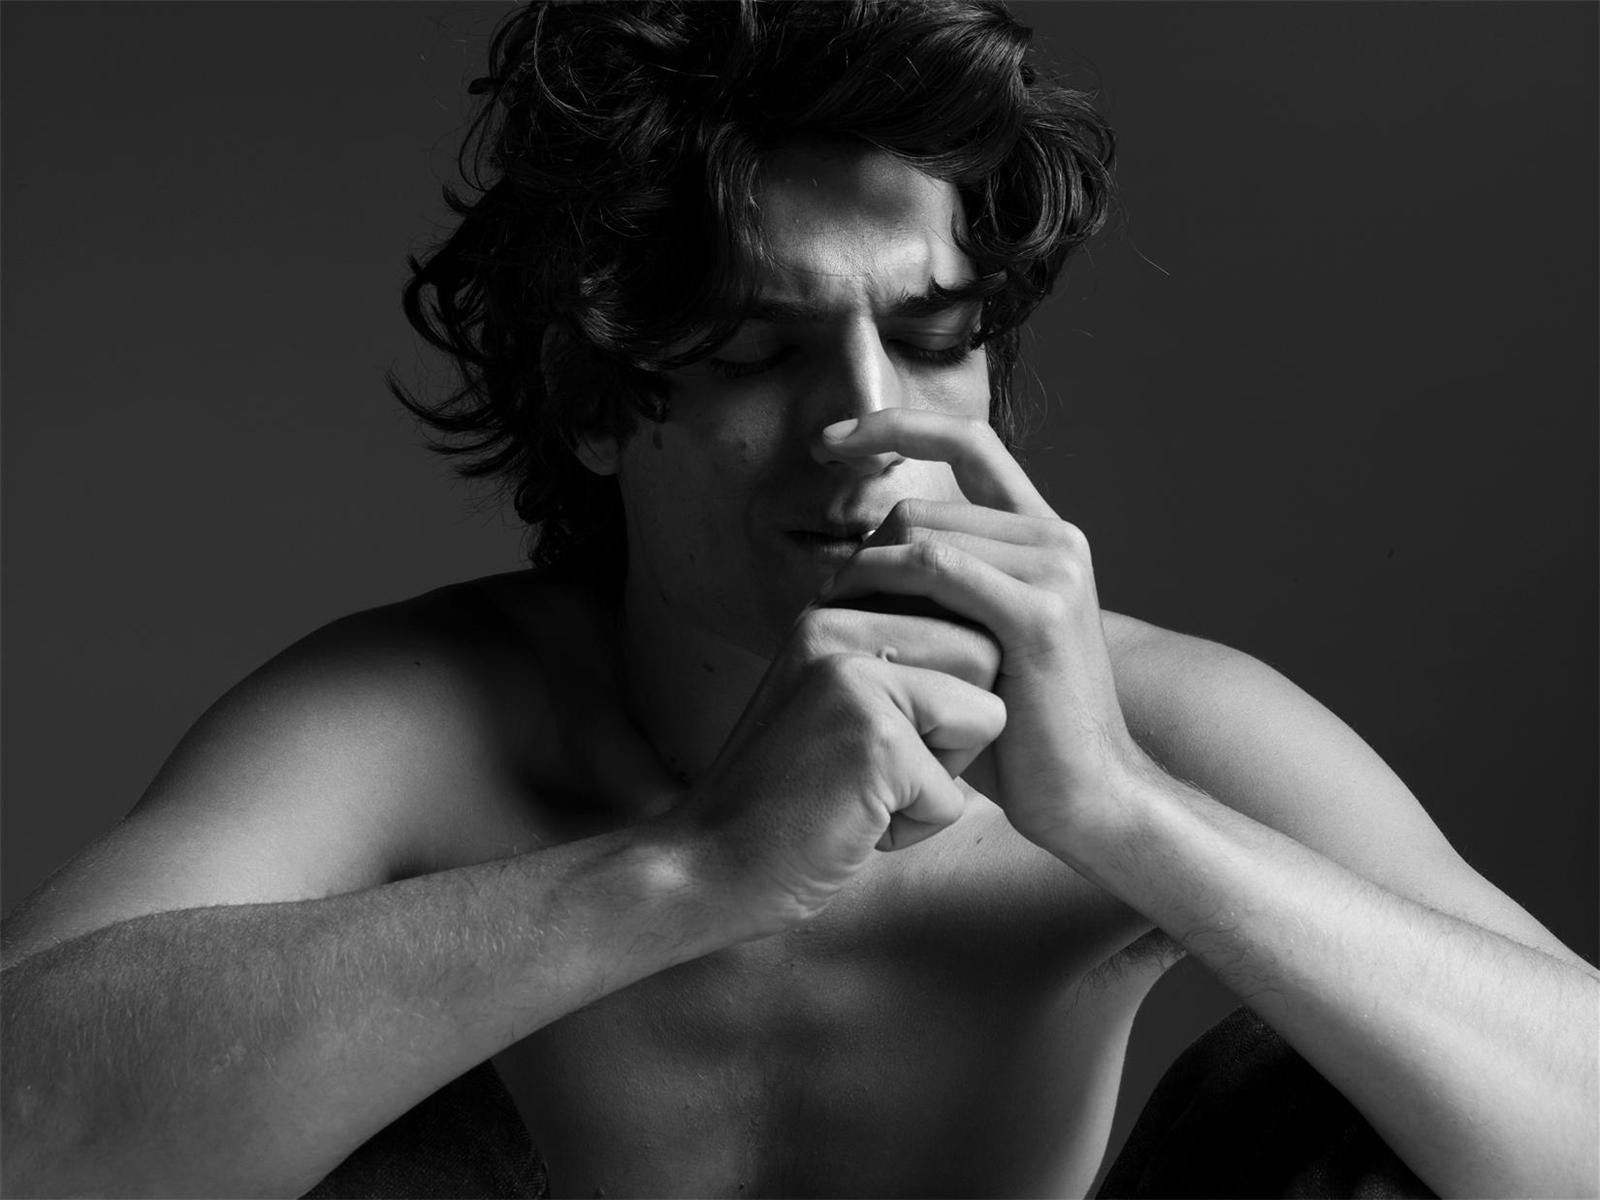 100 самых красивых мужчин голливуда: